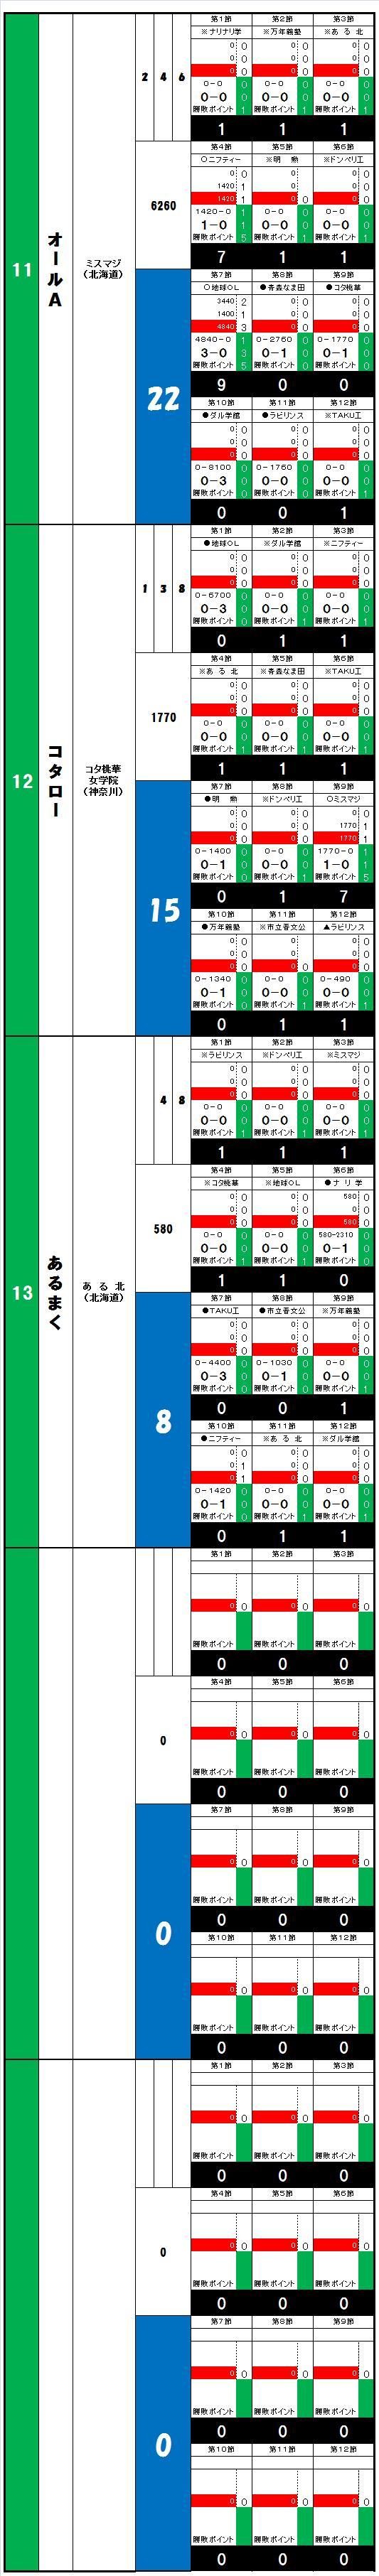 20140608・ダルマンリーグ第2回大会☆個人成績データ②.jpg